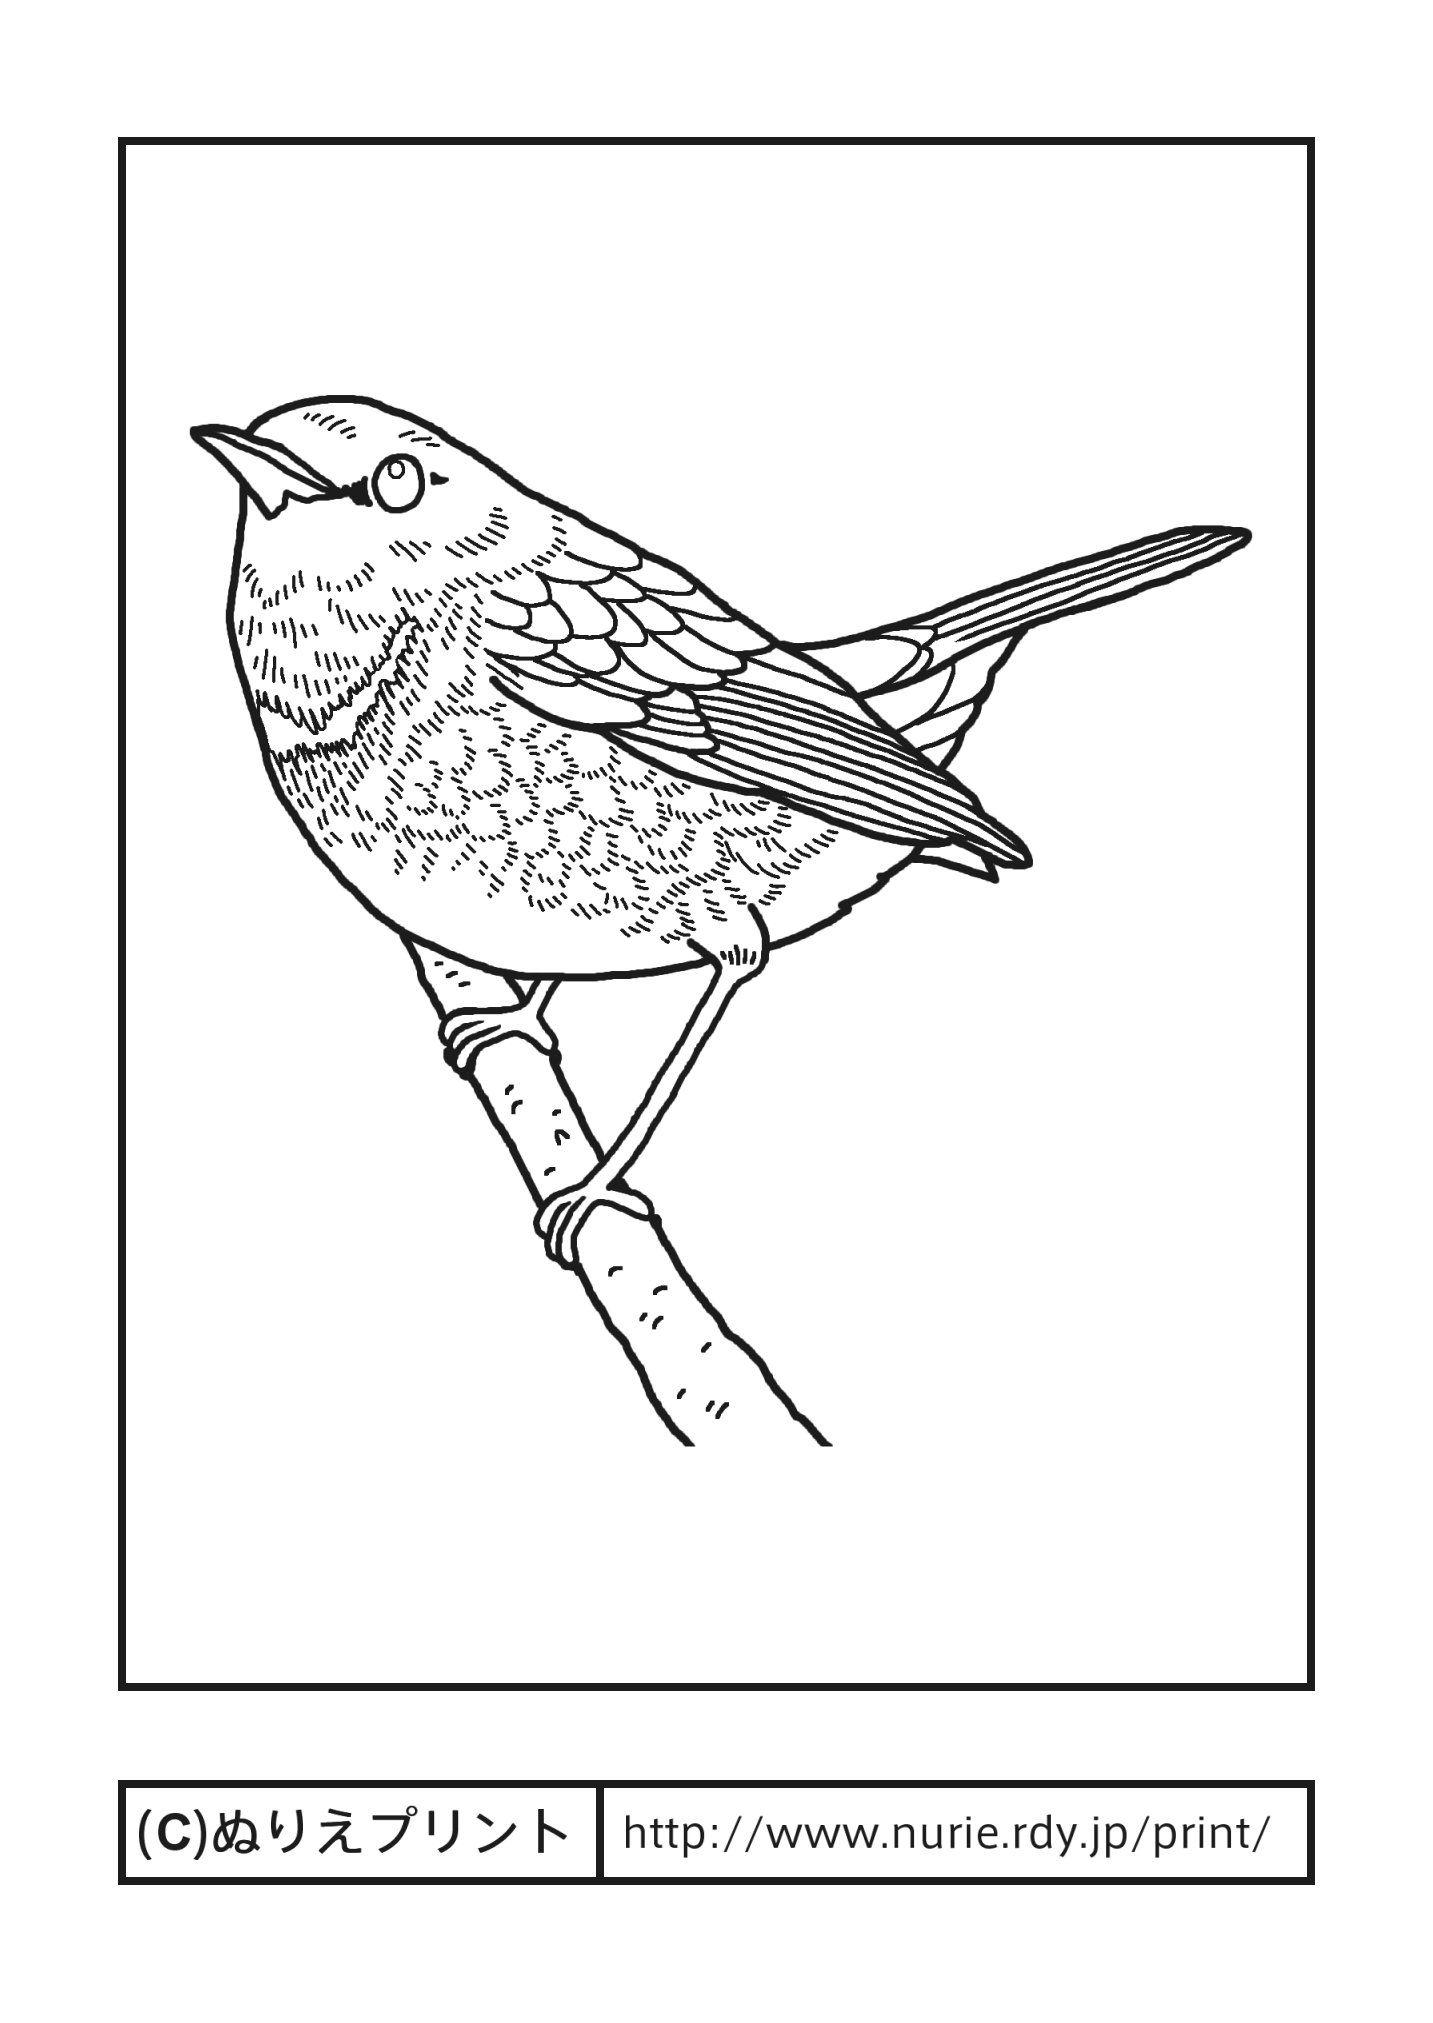 コマドリ駒鳥主線黒奈良県の鳥無料塗り絵都道府県ぬりえ